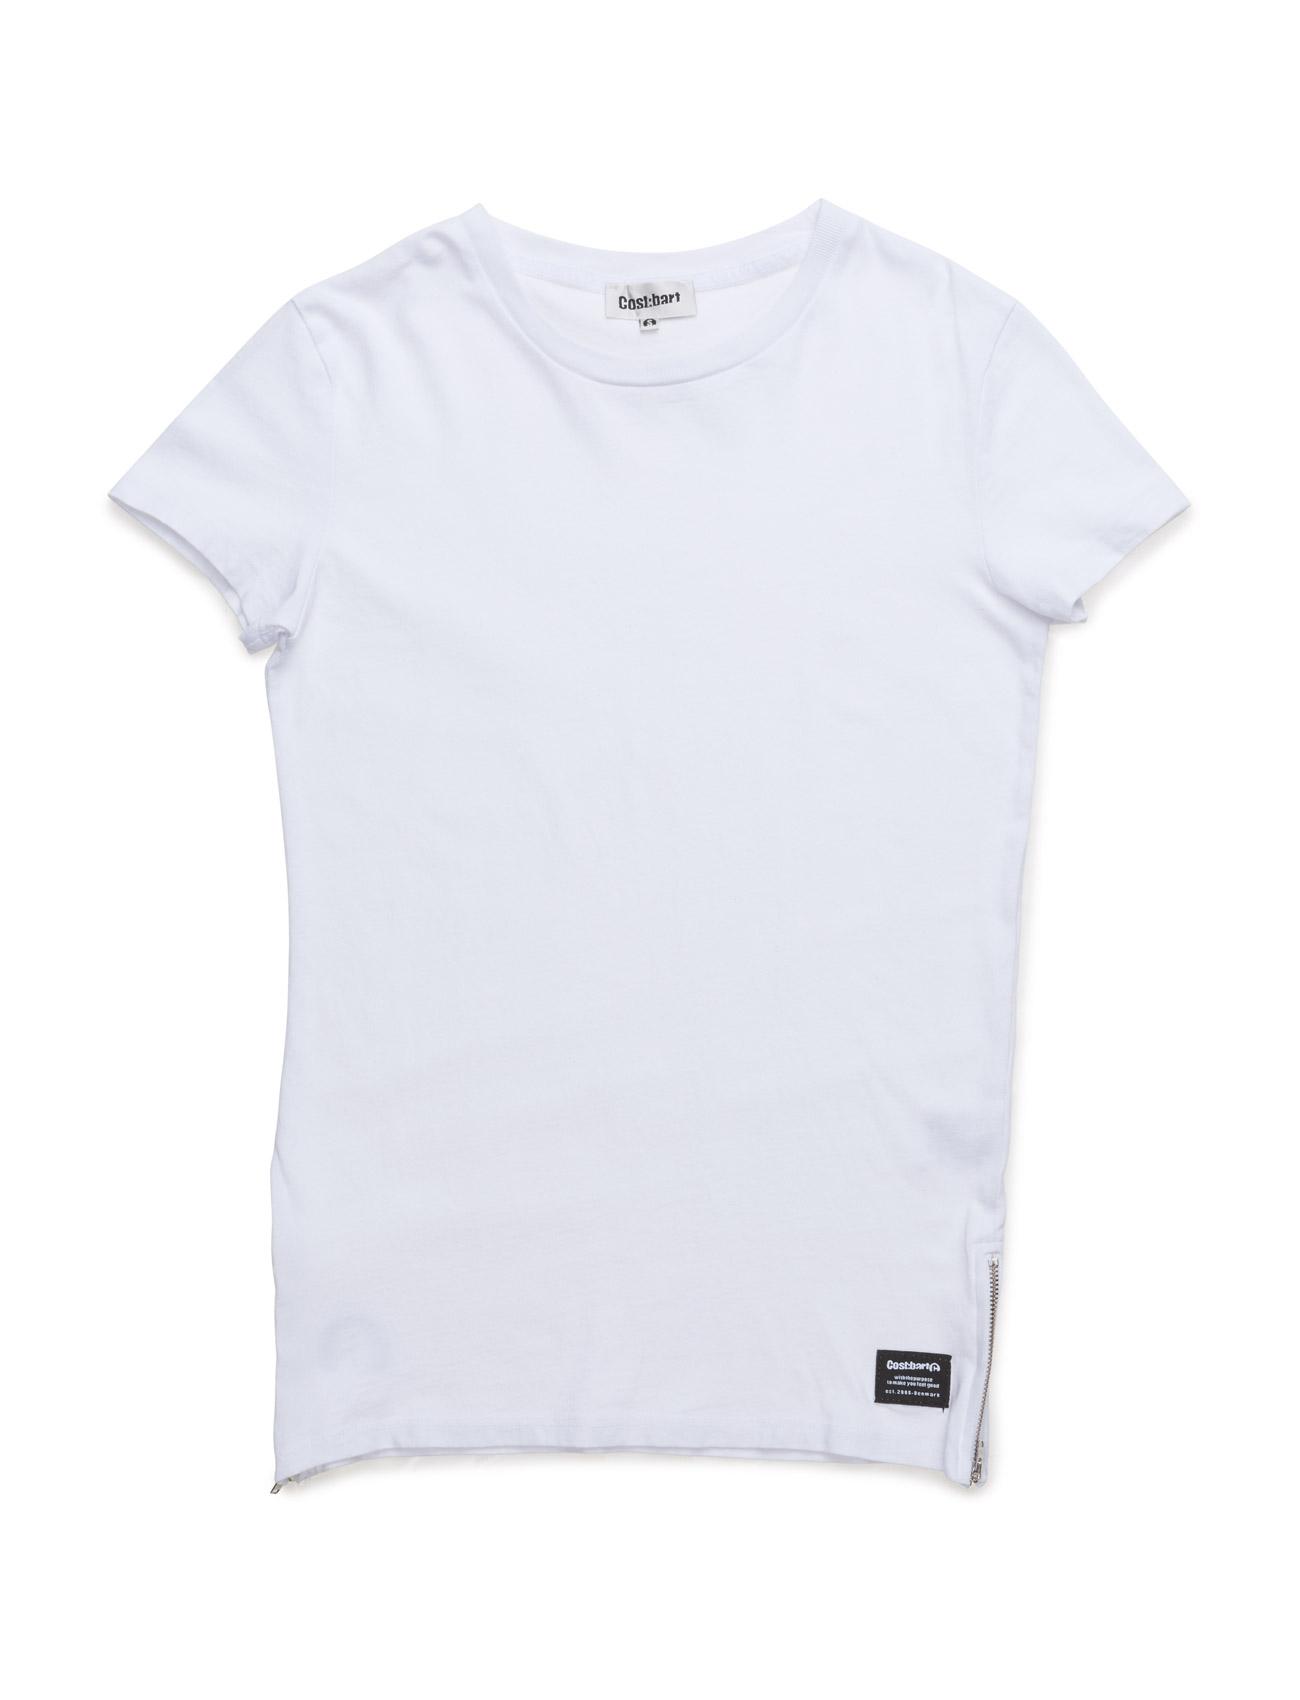 Jafar T-Shirt CostBart Kortærmede t-shirts til Børn i